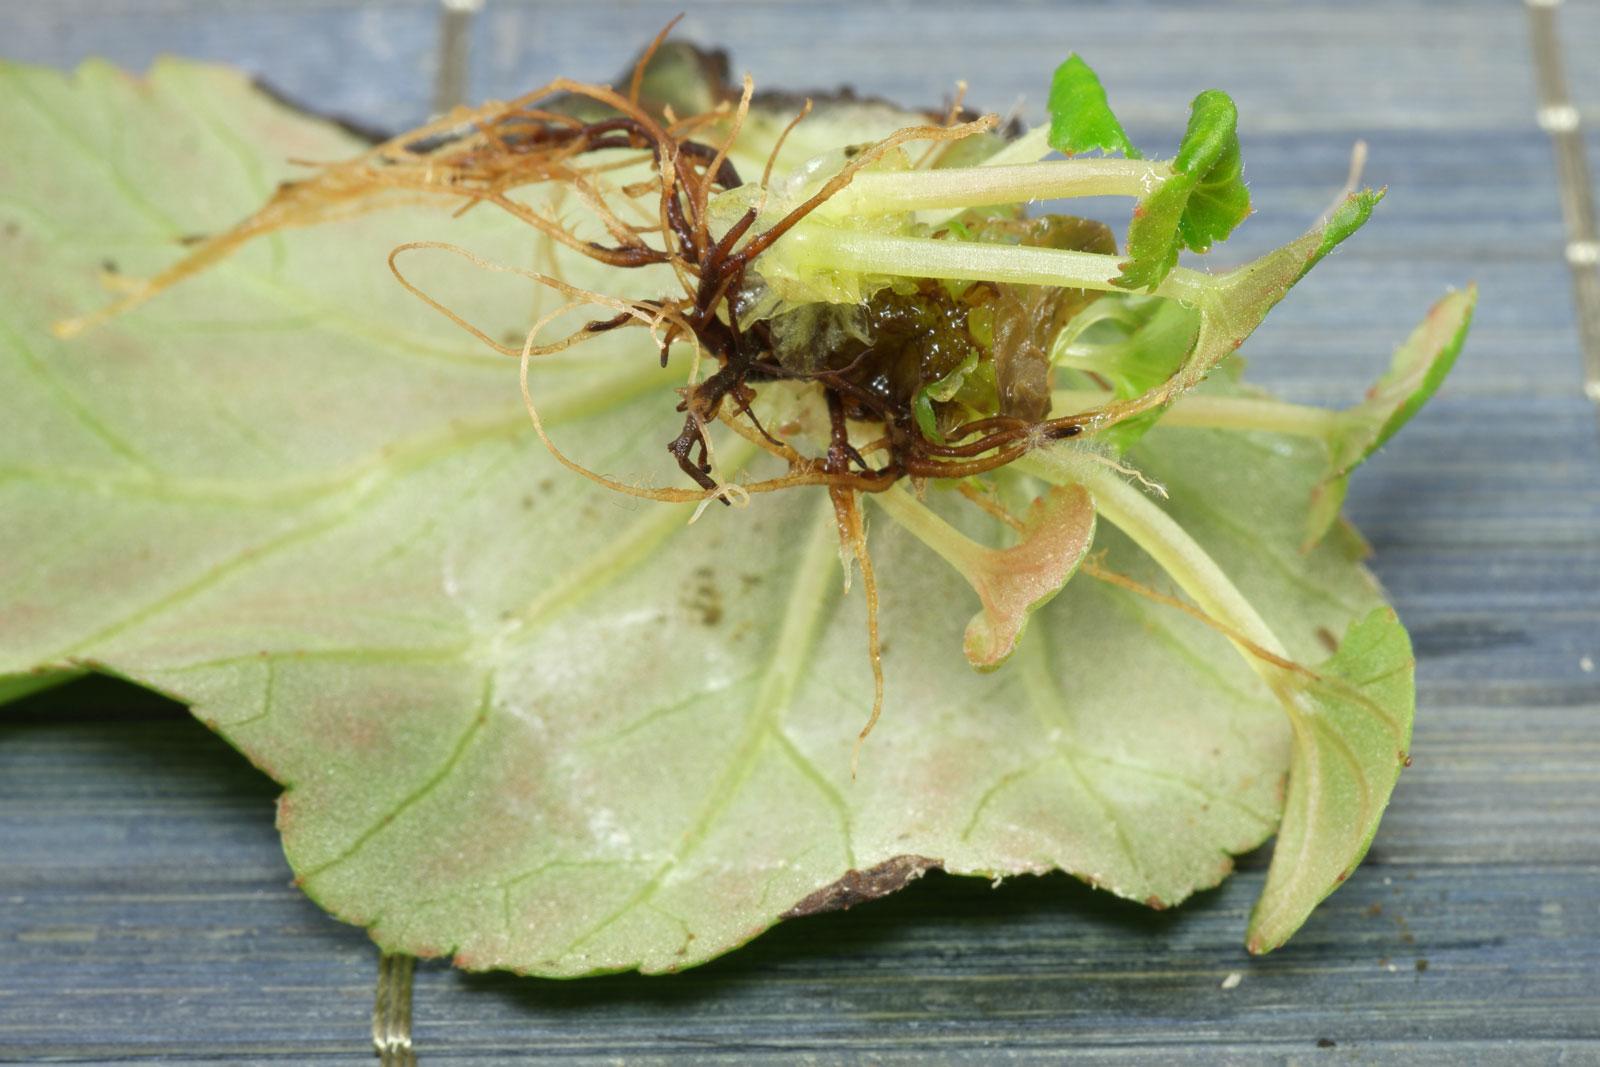 Begonia × hiemalis